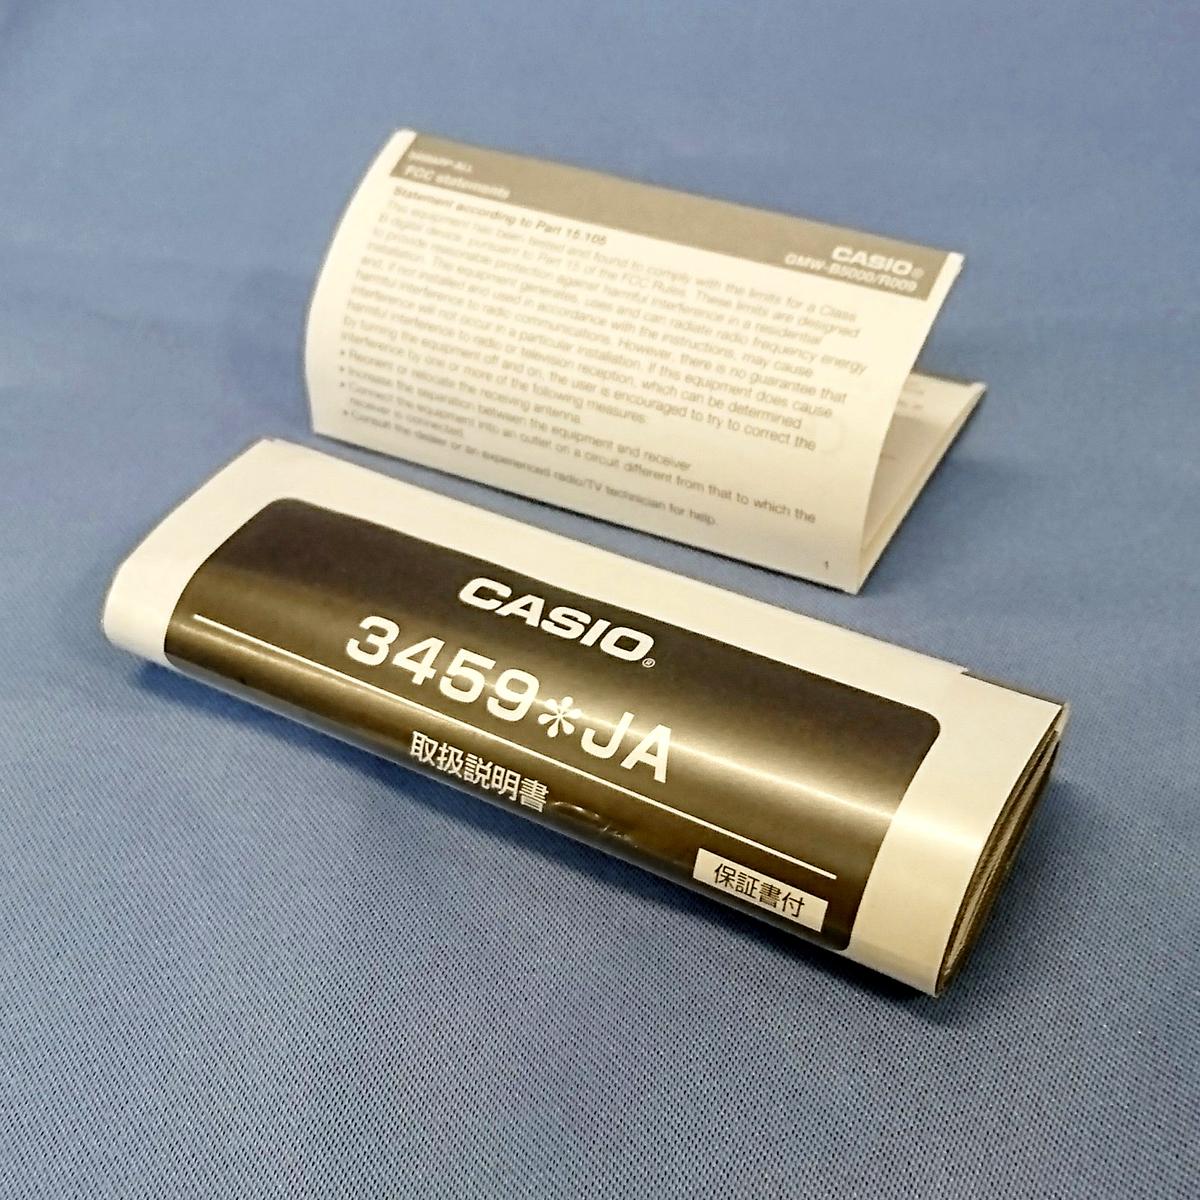 新品 撮影開封のみ 未使用 CASIO G-SHOCK 35周年記念限定モデル フルメタル GOLD ゴールド Gショック GMW-B5000TFG-9JR 正規品_画像7